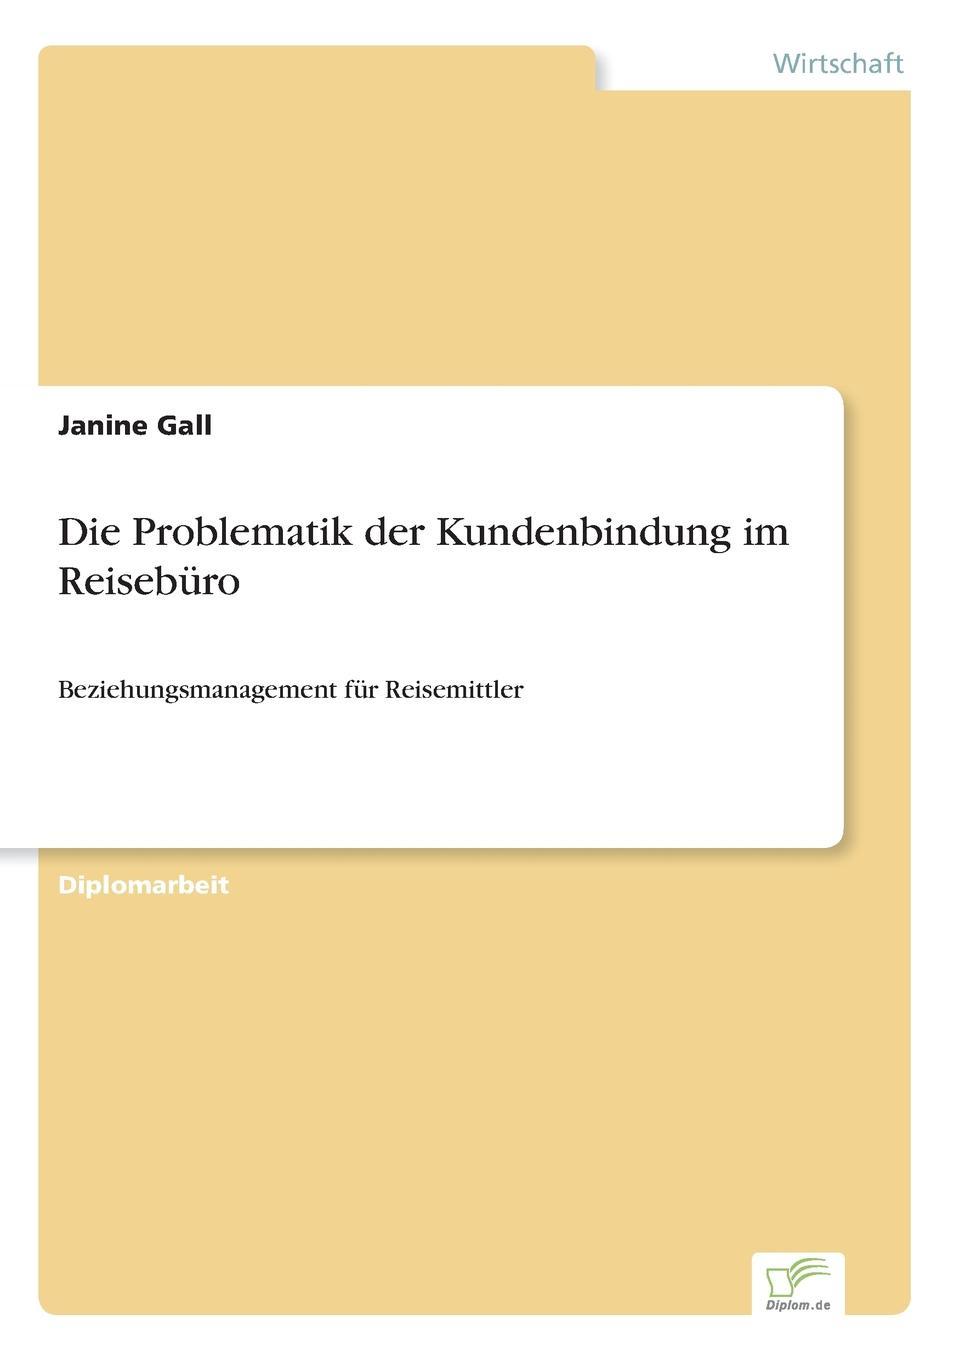 Janine Gall Die Problematik der Kundenbindung im Reiseburo евгения гинзбург крутой маршрут хроника времен культа личности в 2 томах комплект подарочное издание